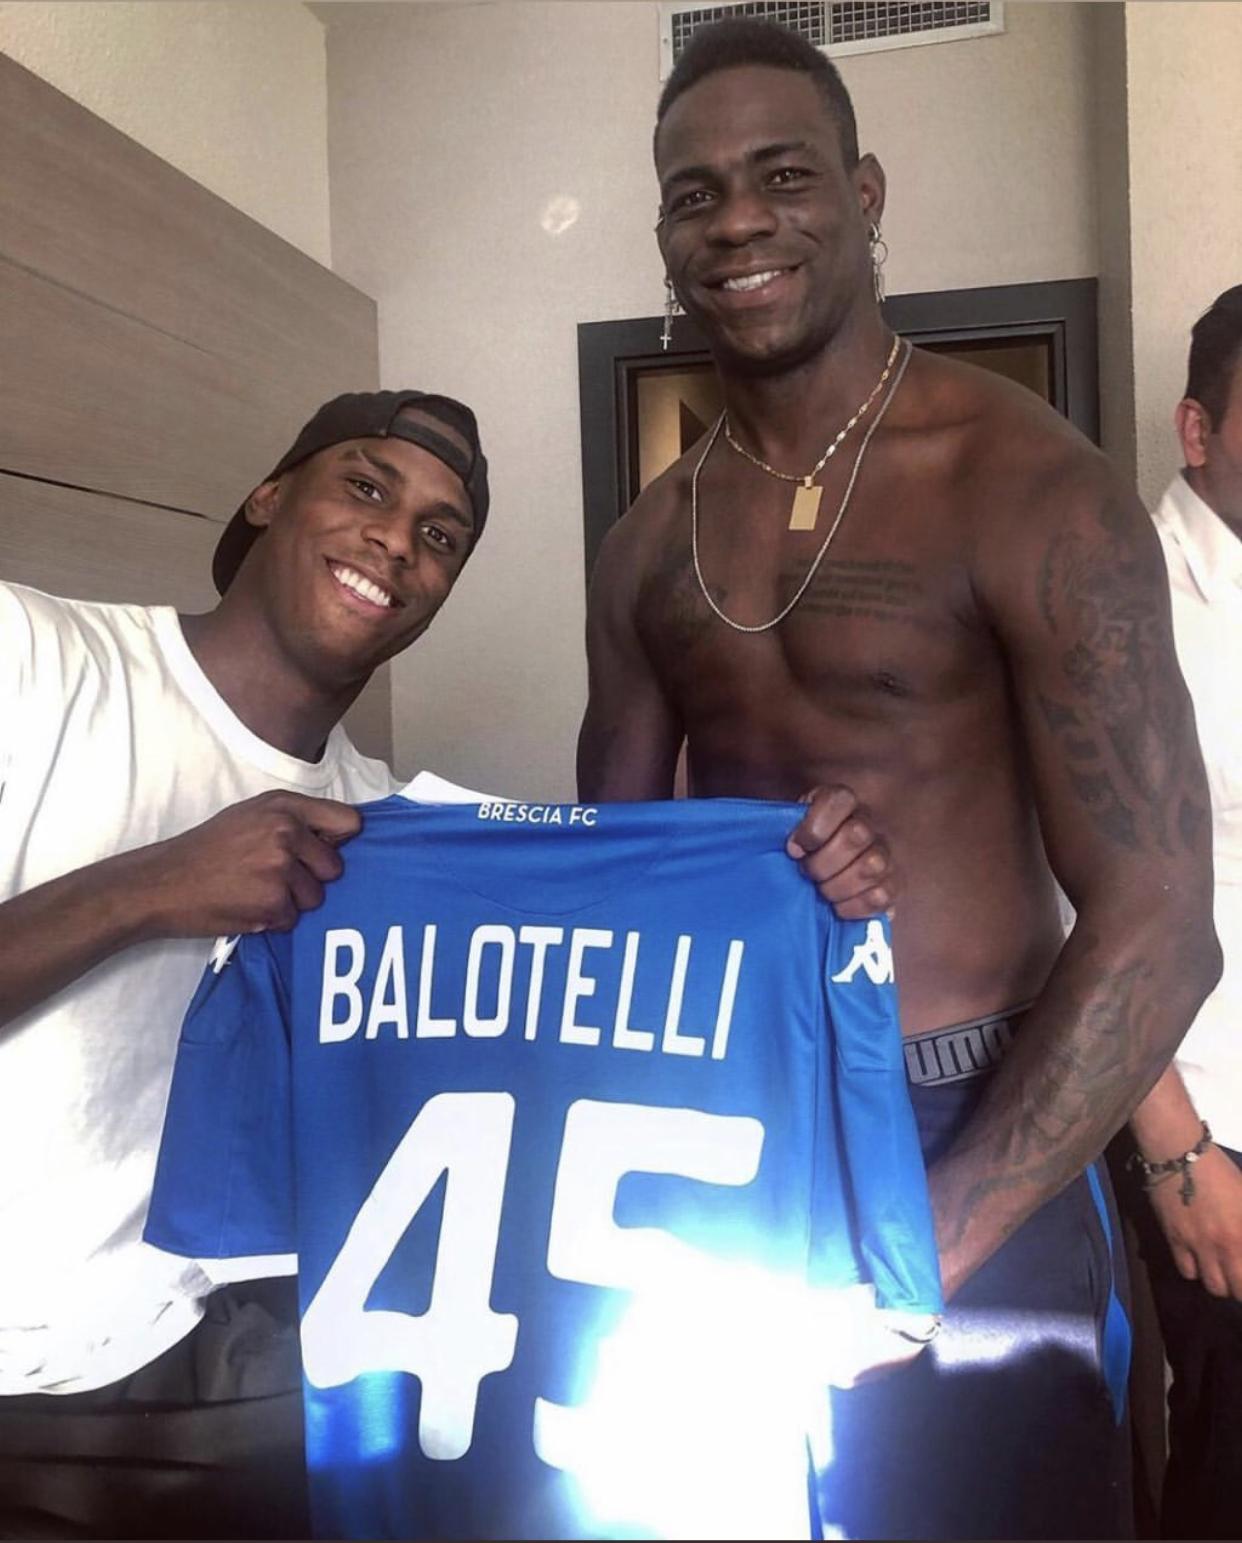 Officiel : Mario Balotelli signe à Brescia en Série A, Coutinho rejoint le Bayern Munich